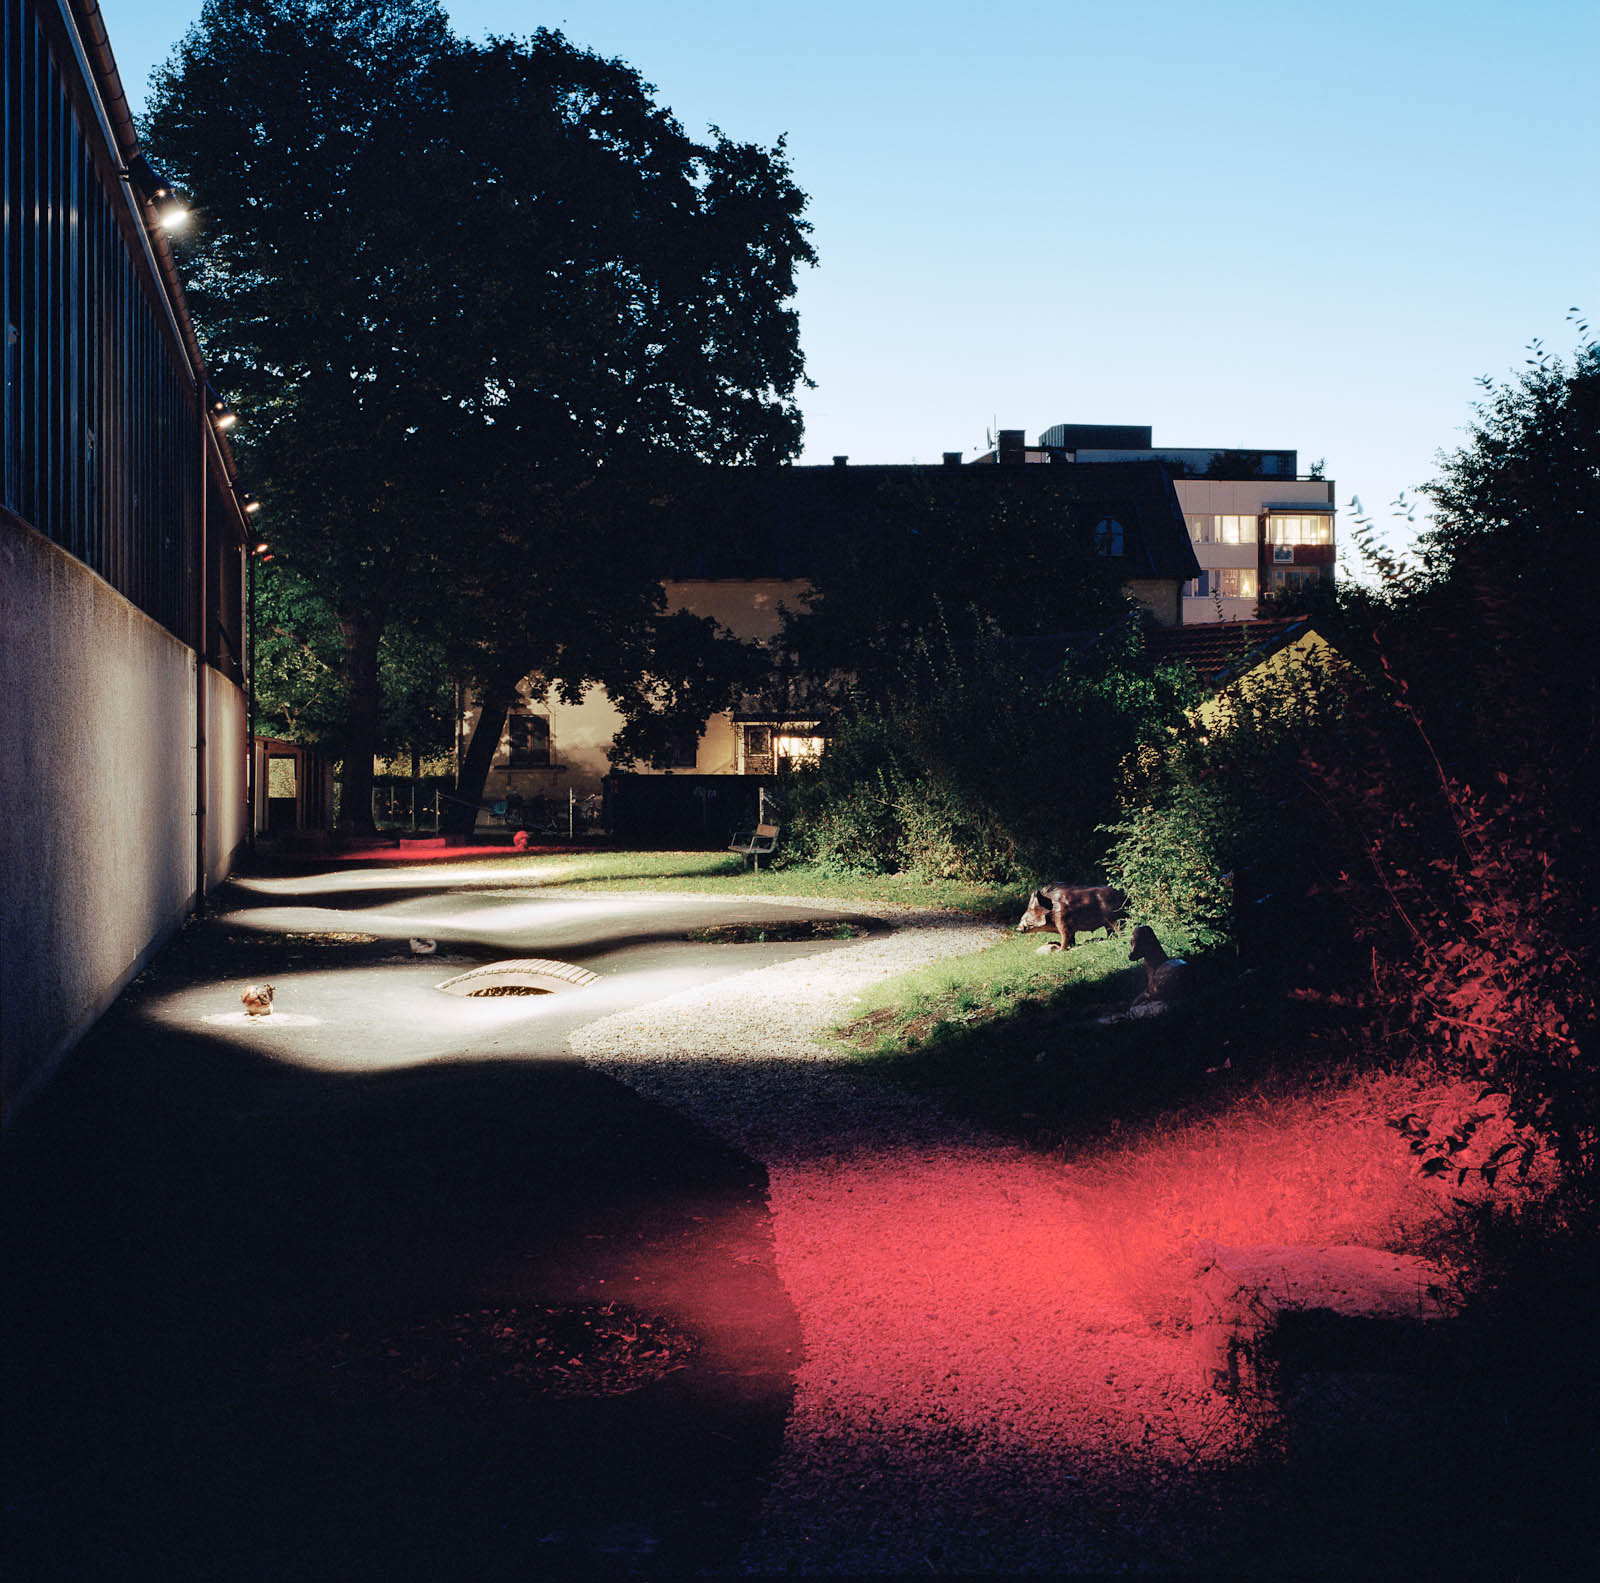 En slingrande bäck för de minsta, med betongdjur, en bro och röd belysning om kvällen. Love and devotion, helhetsgestaltning av Olaus Petri-skolan